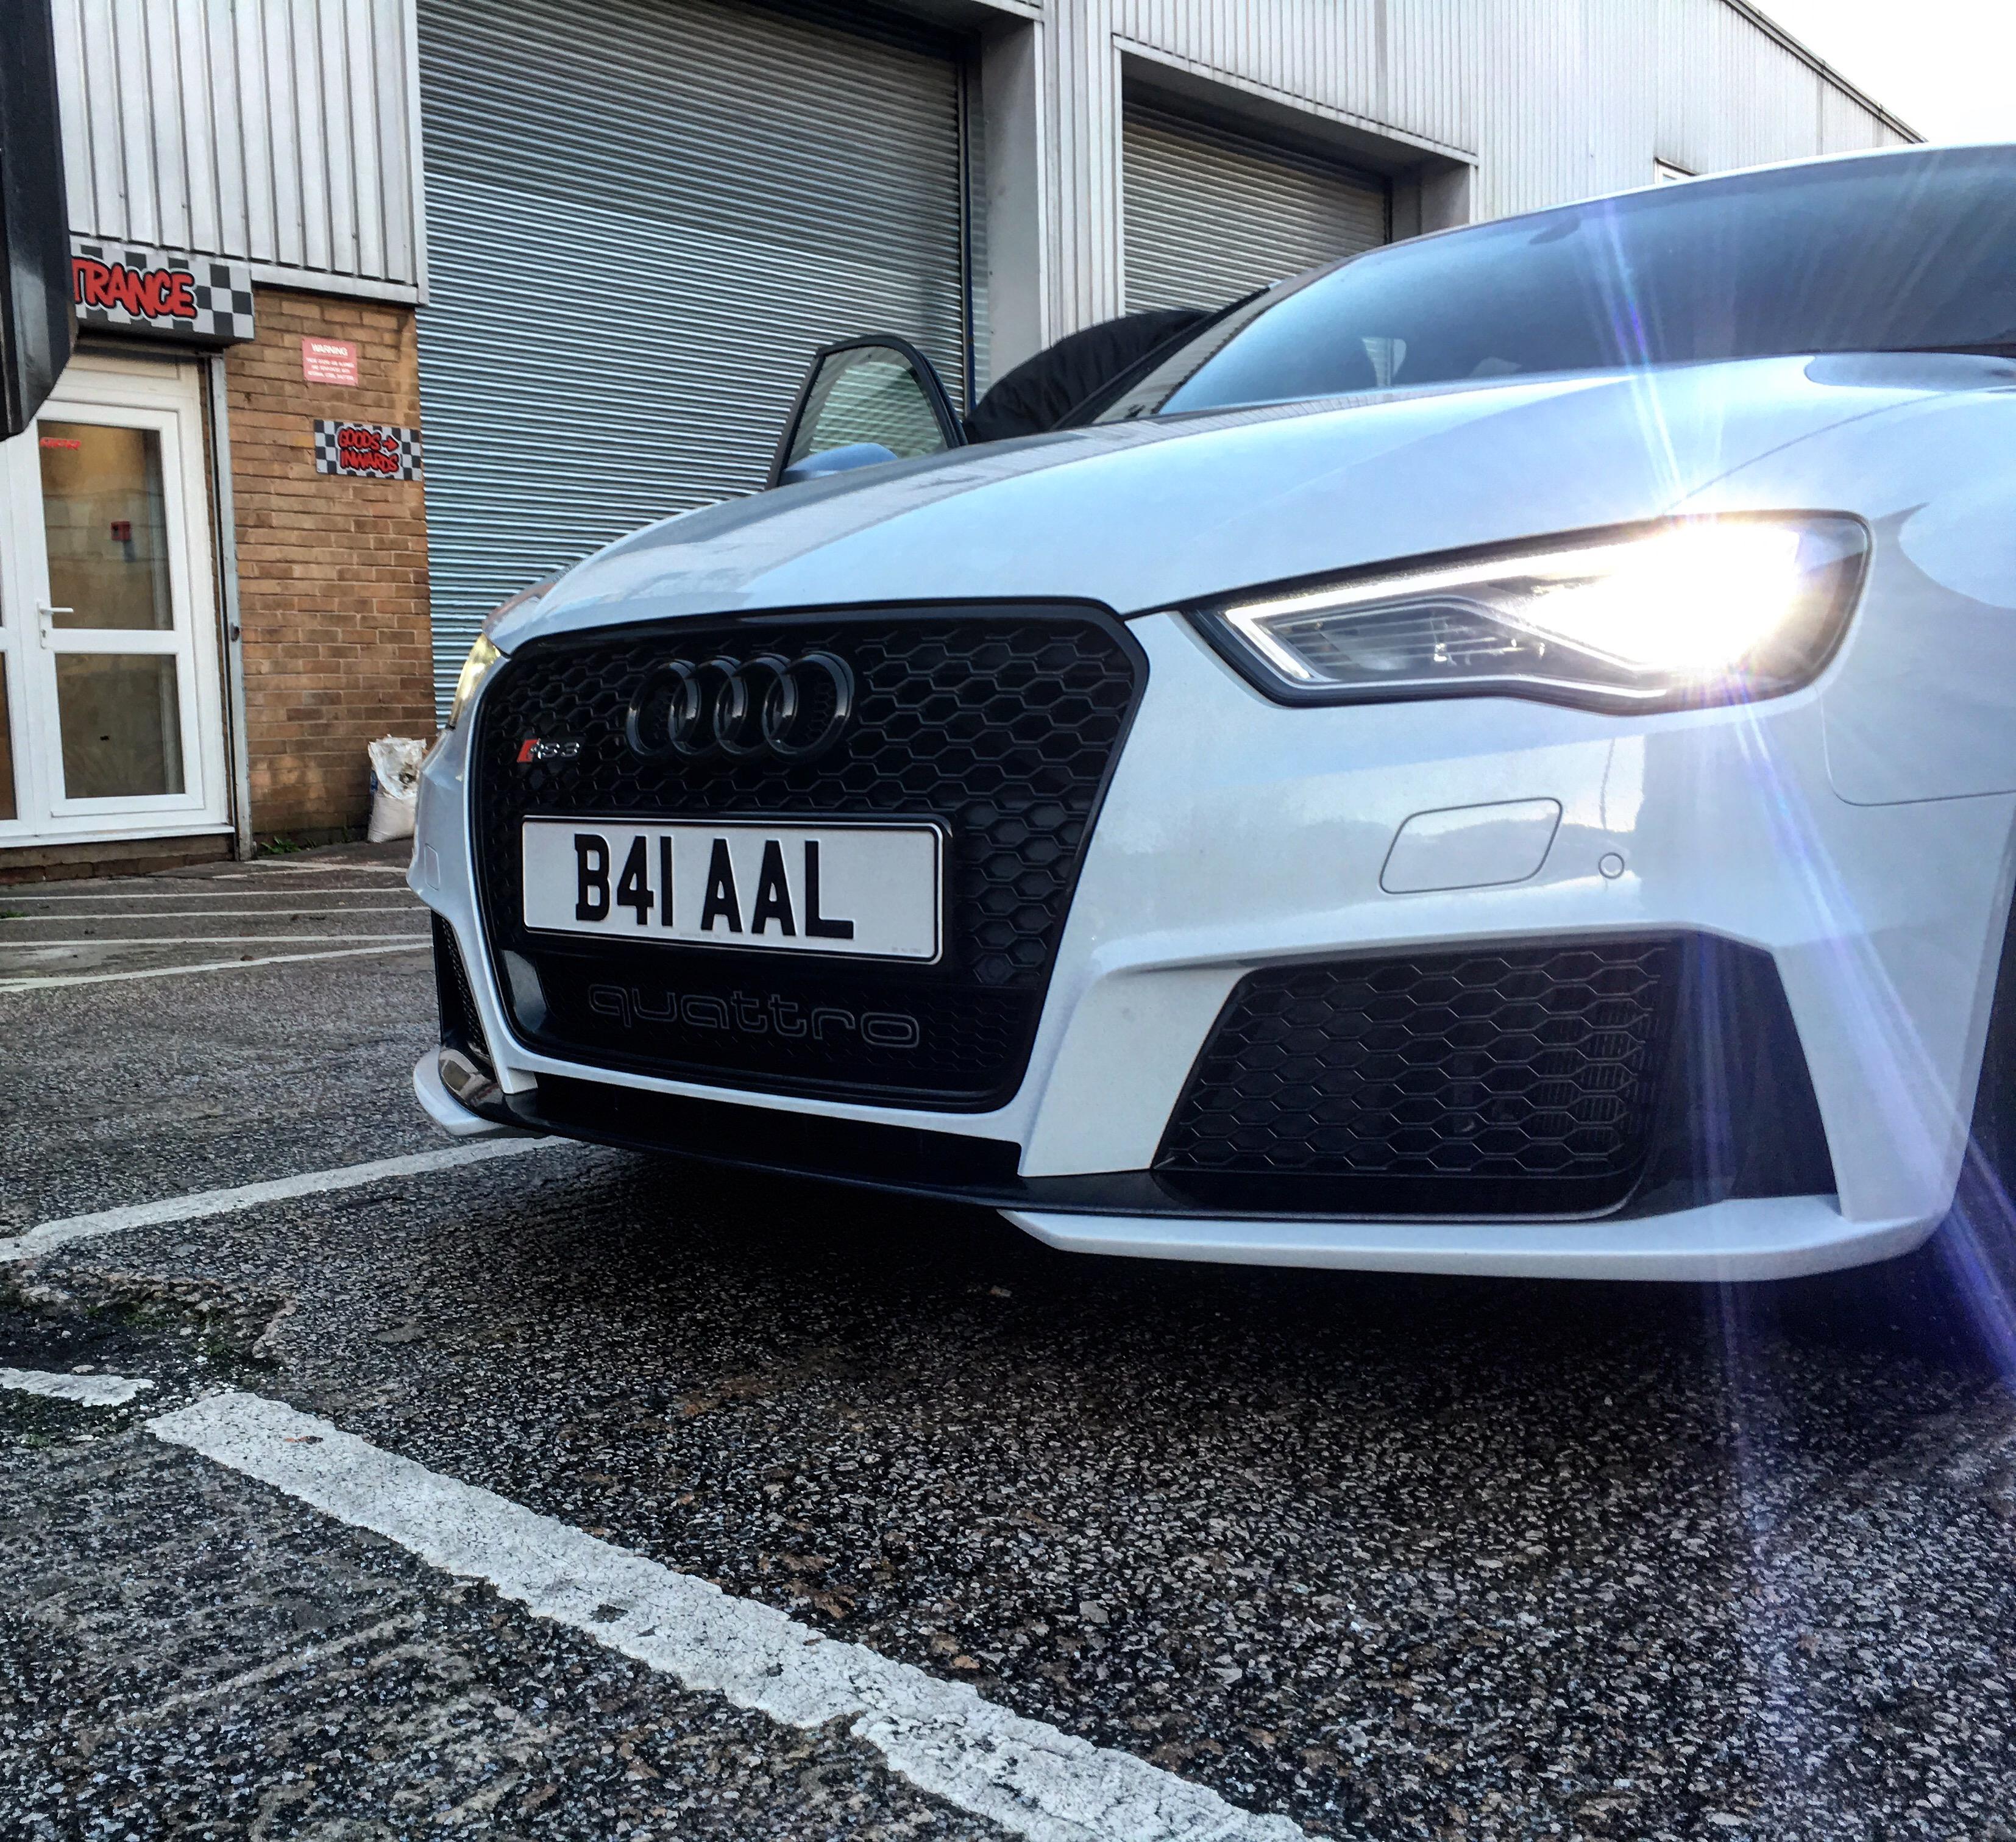 audi ring badge's where to buy? in black | Audi-Sport net